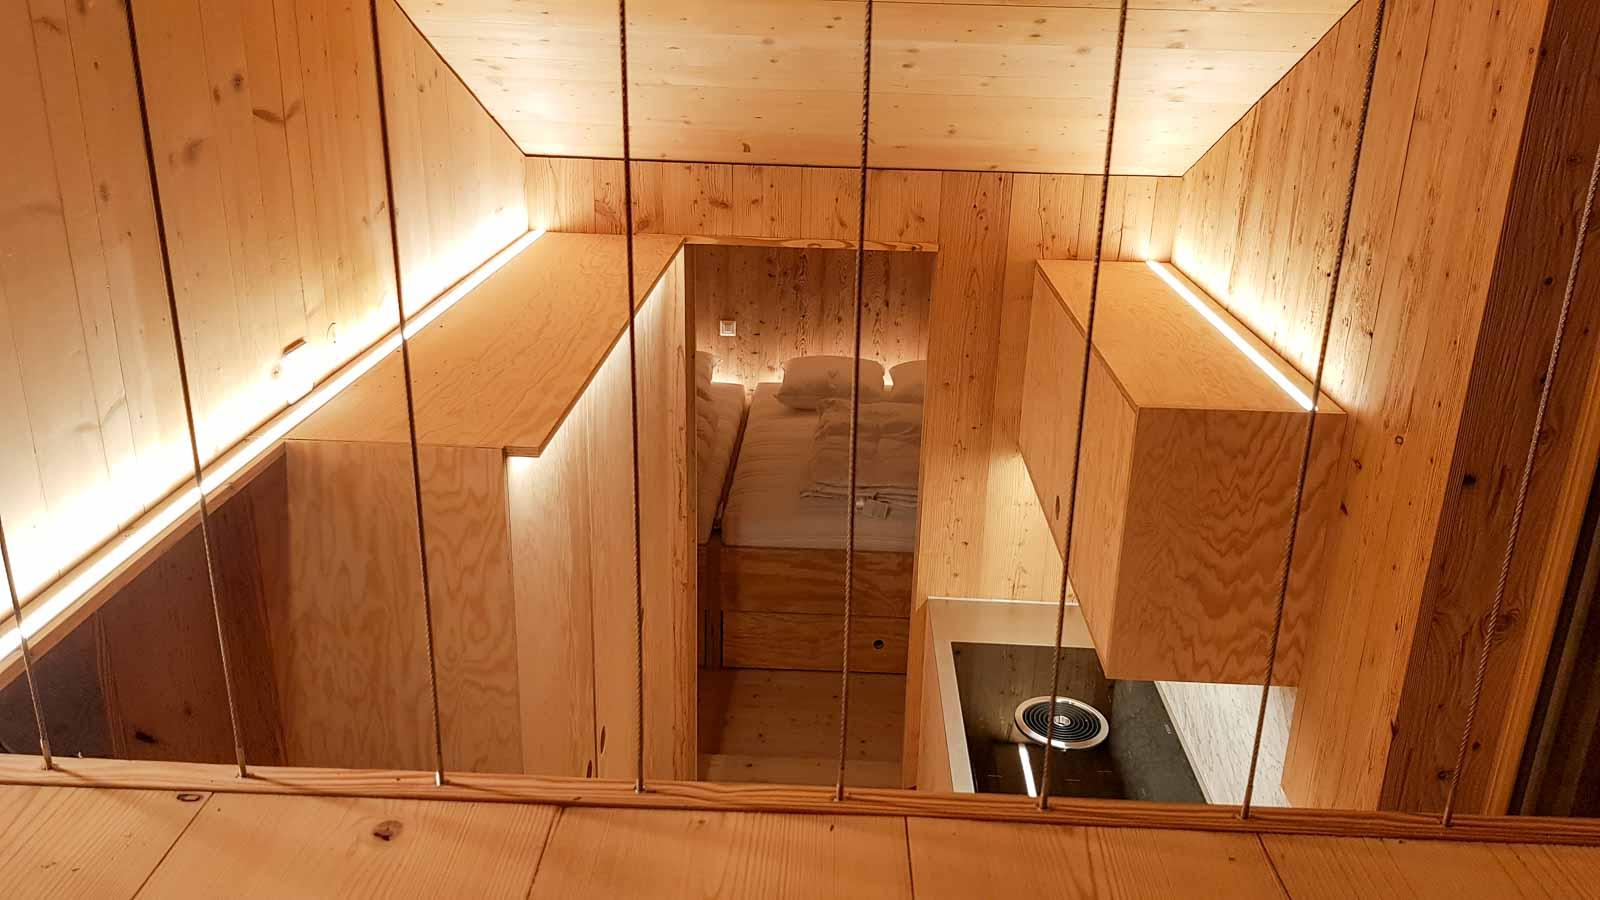 Wooddesign_Holzdesign_Innenausbau Ferienhaus_Altholz_Ferienwohnung_Ferienchalet_Schwarzsee_ Umbau (32)